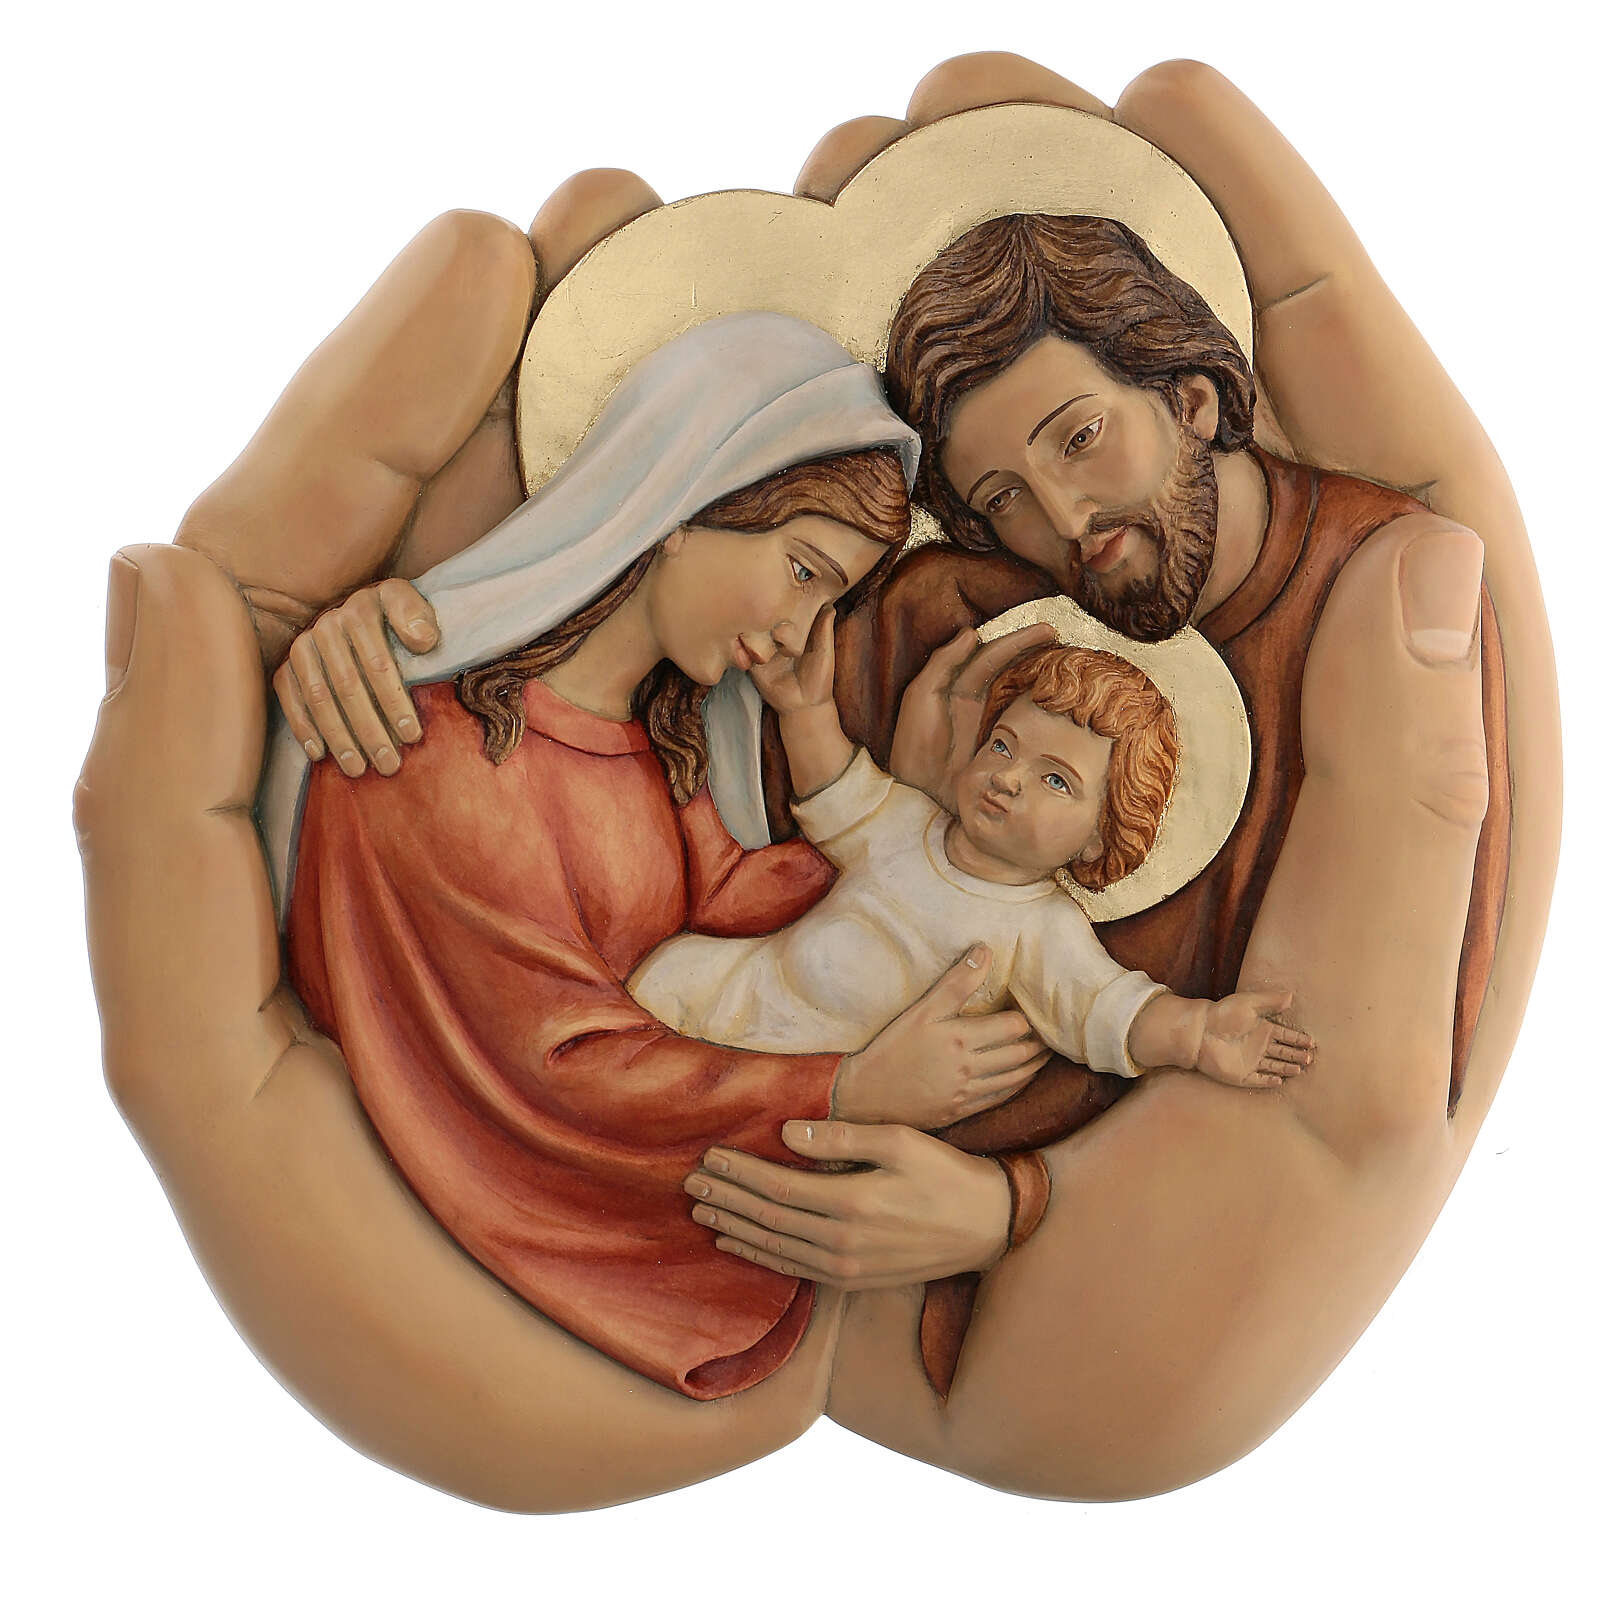 Sagrada Família nas mãos madeira de lenga e tintas de óleo 40x40x5 cm Mato Grosso 4